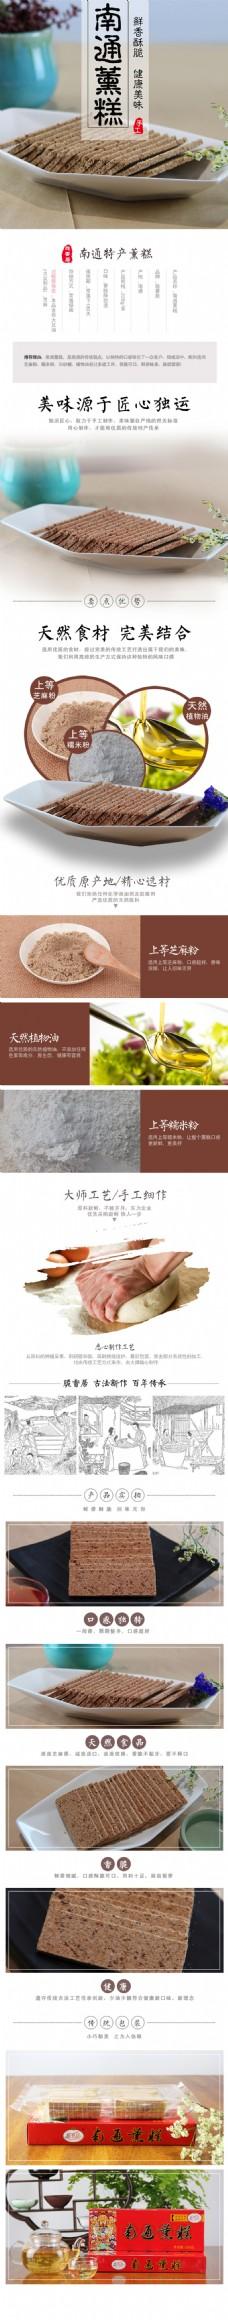 淘宝详情页 南通特产 食品